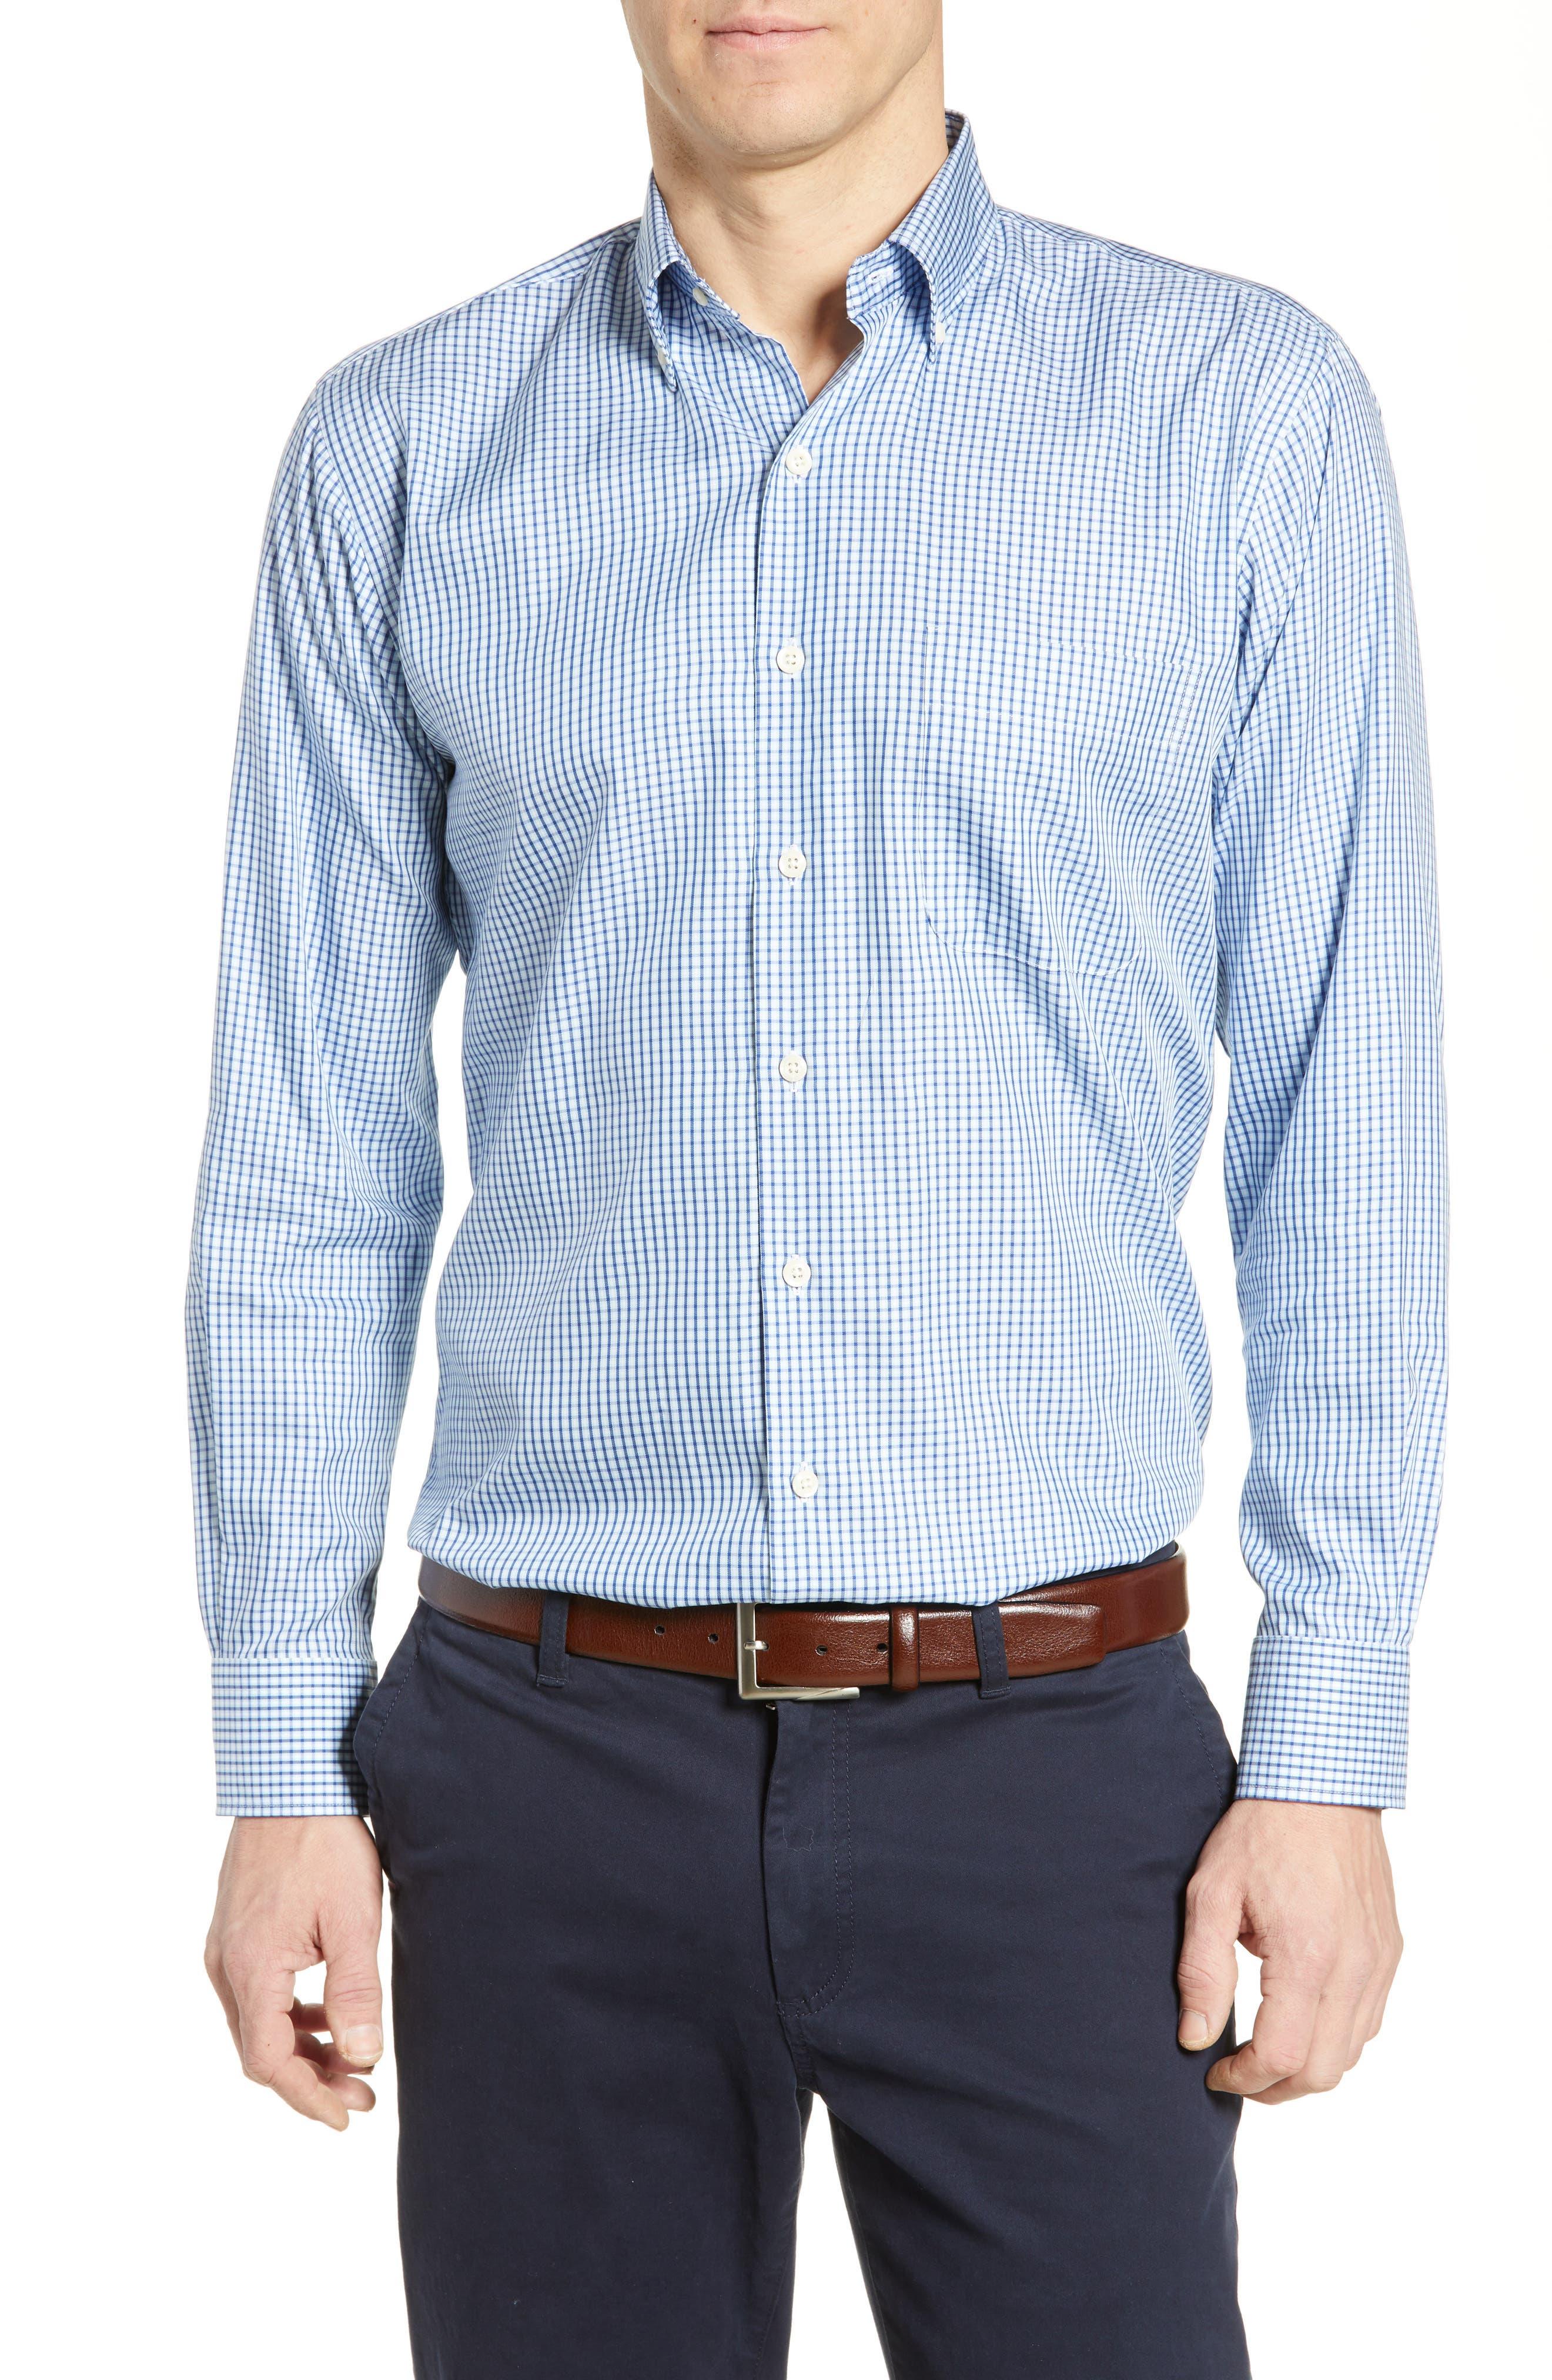 PETER MILLAR Mount Maker Microcheck Sport Shirt, Main, color, SAIL